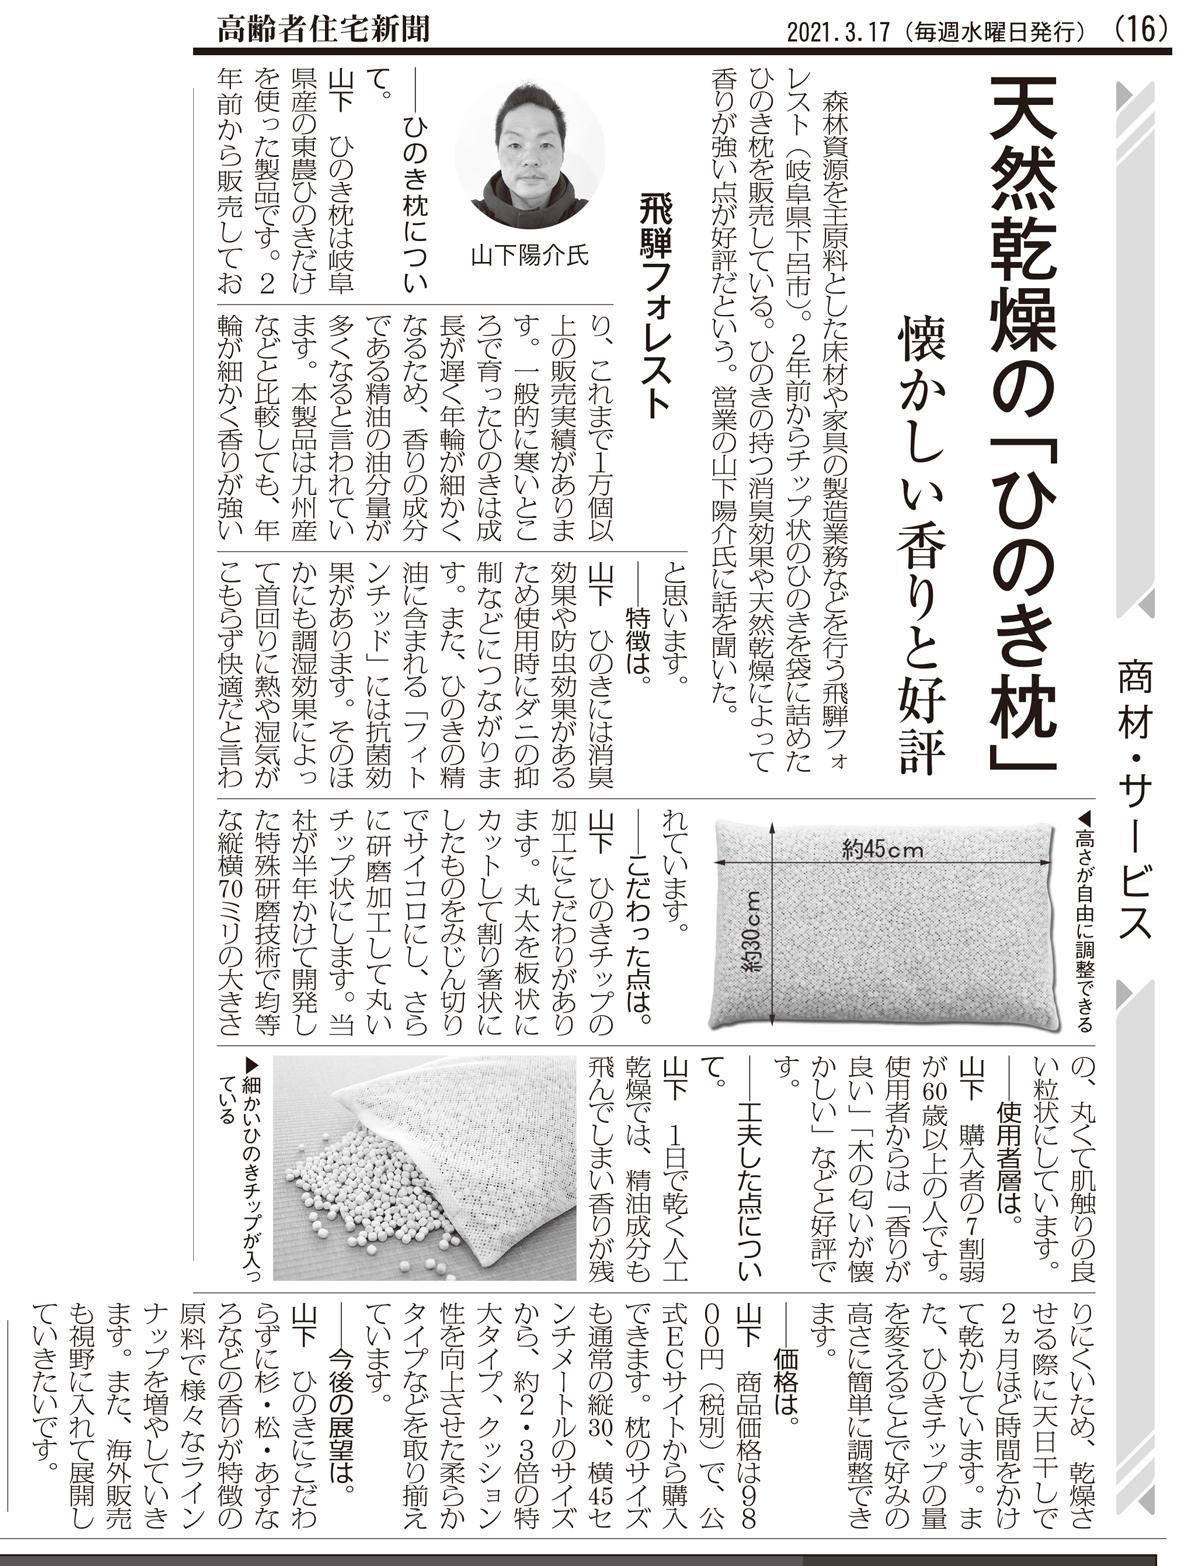 「高齢者住宅新聞」に掲載 掲載記事